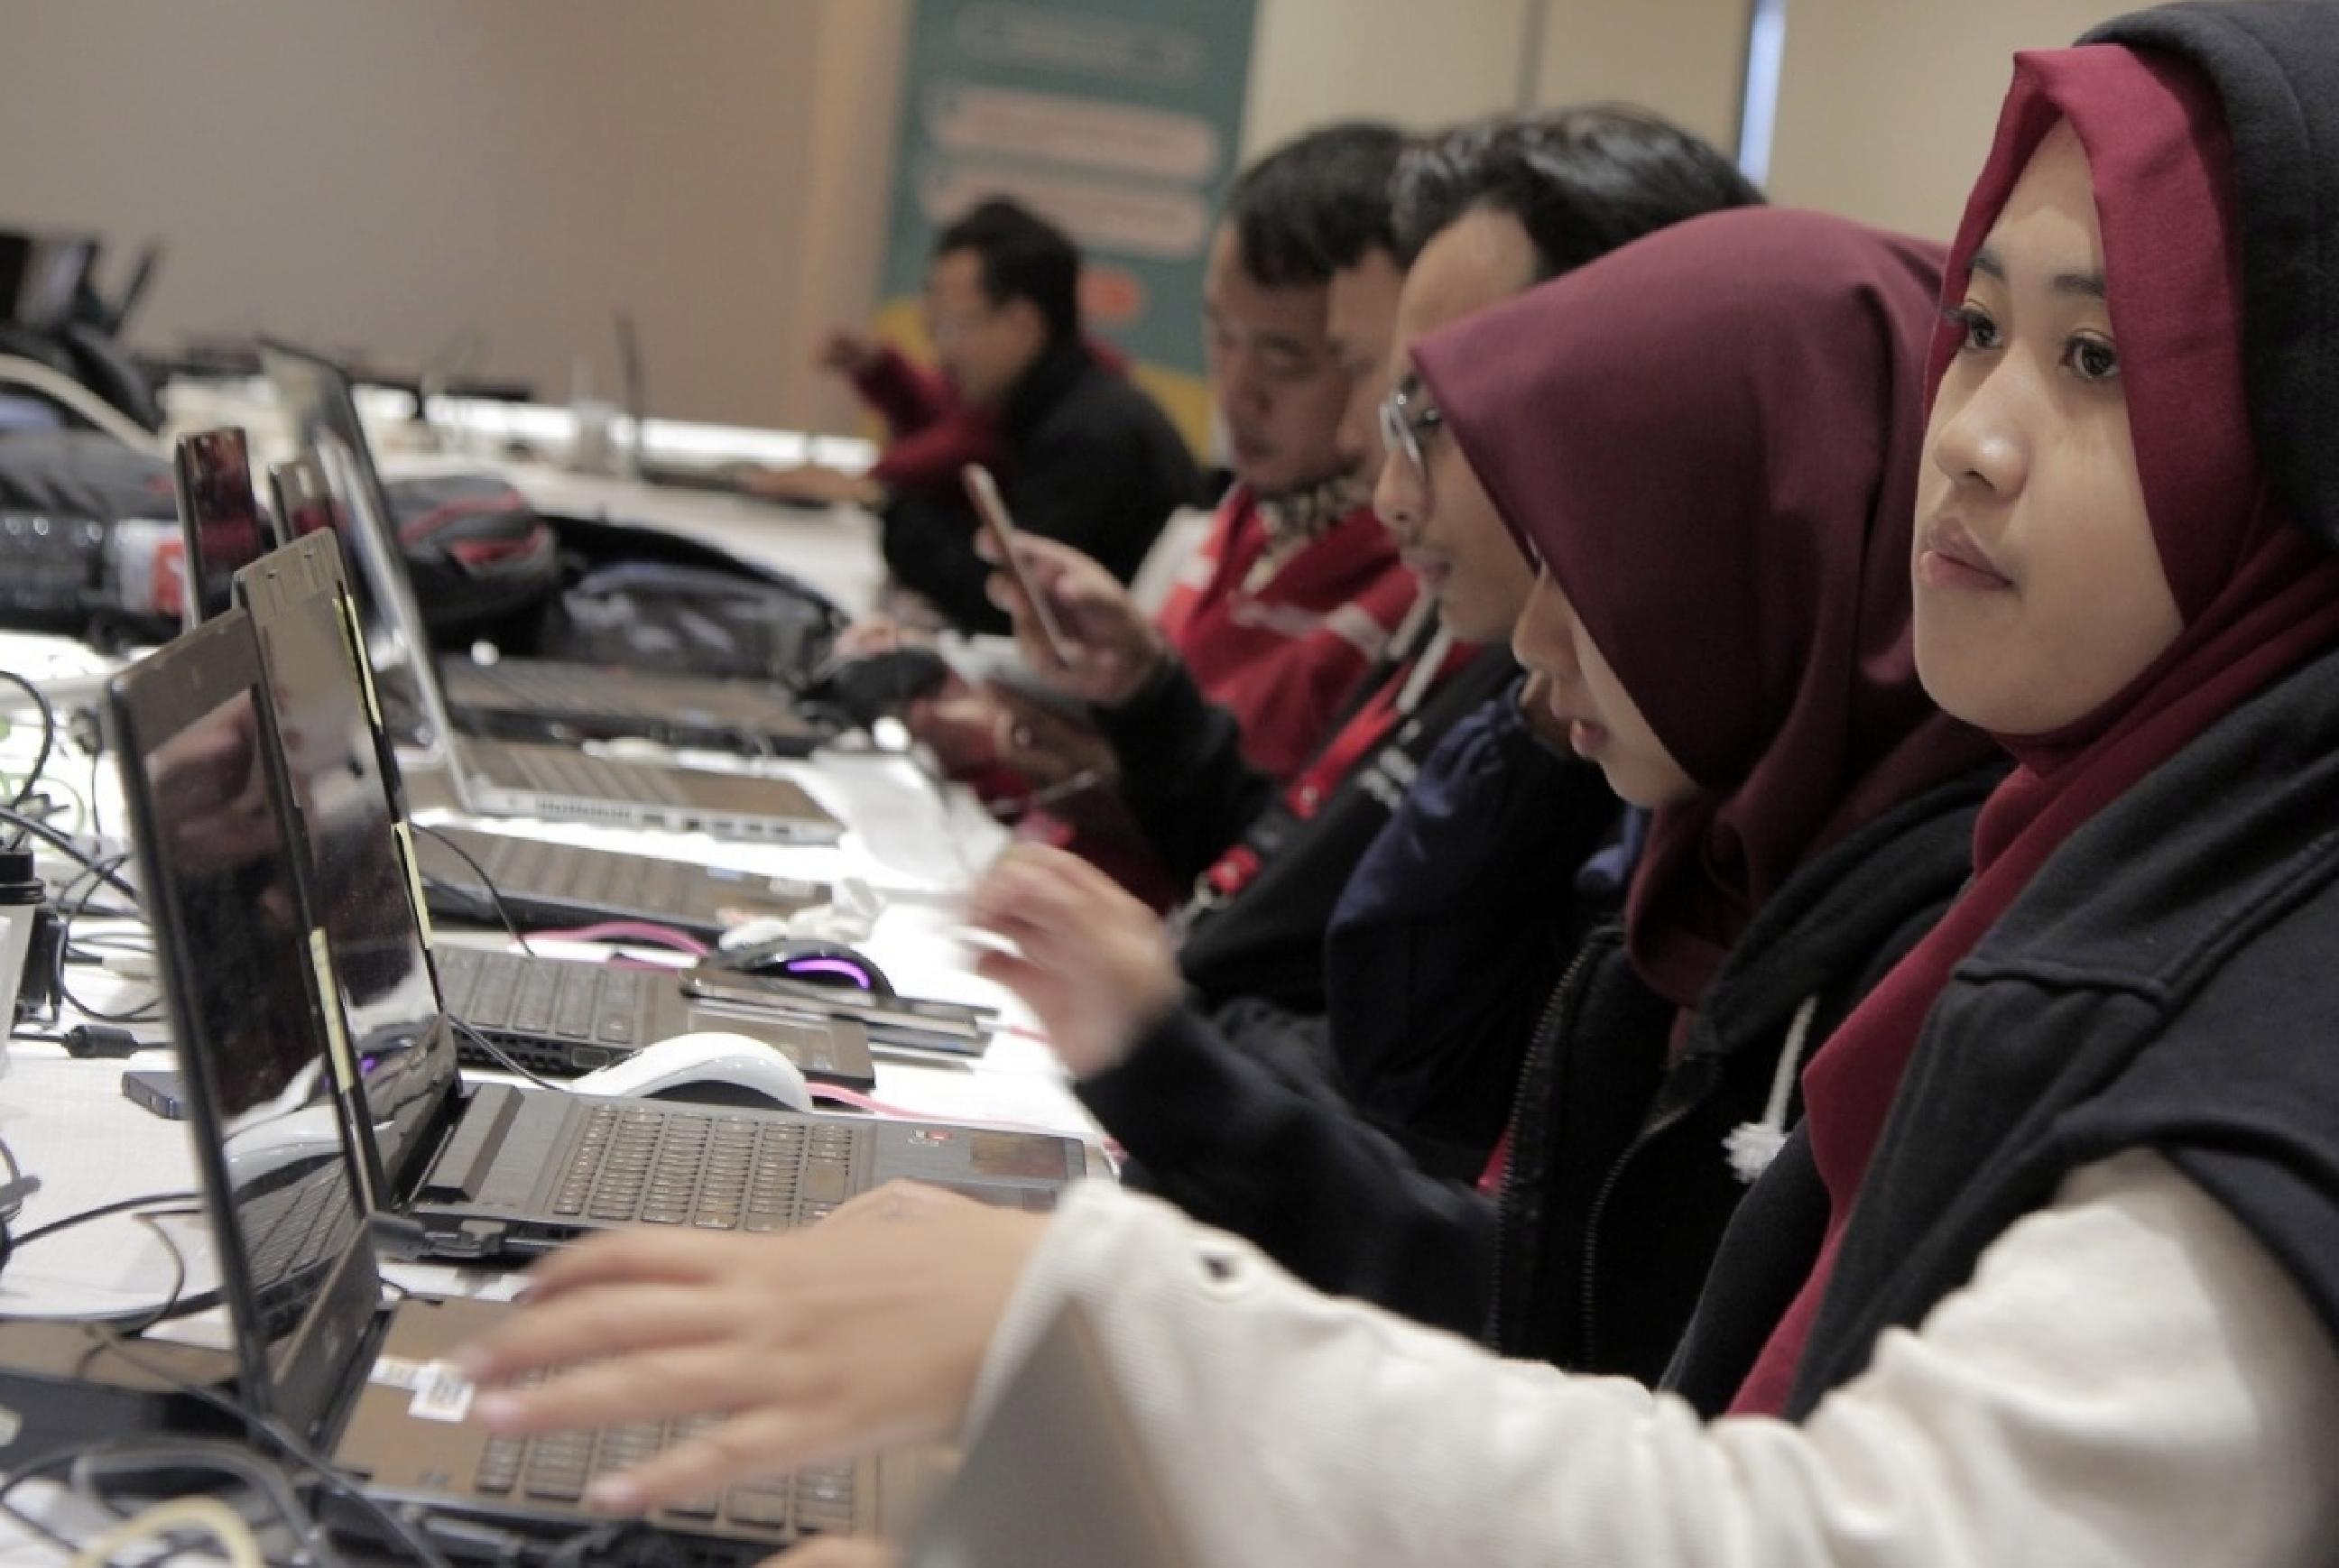 3 Jawara SheHacks 2021, bukti semangat perempuan manfaatkan teknologi